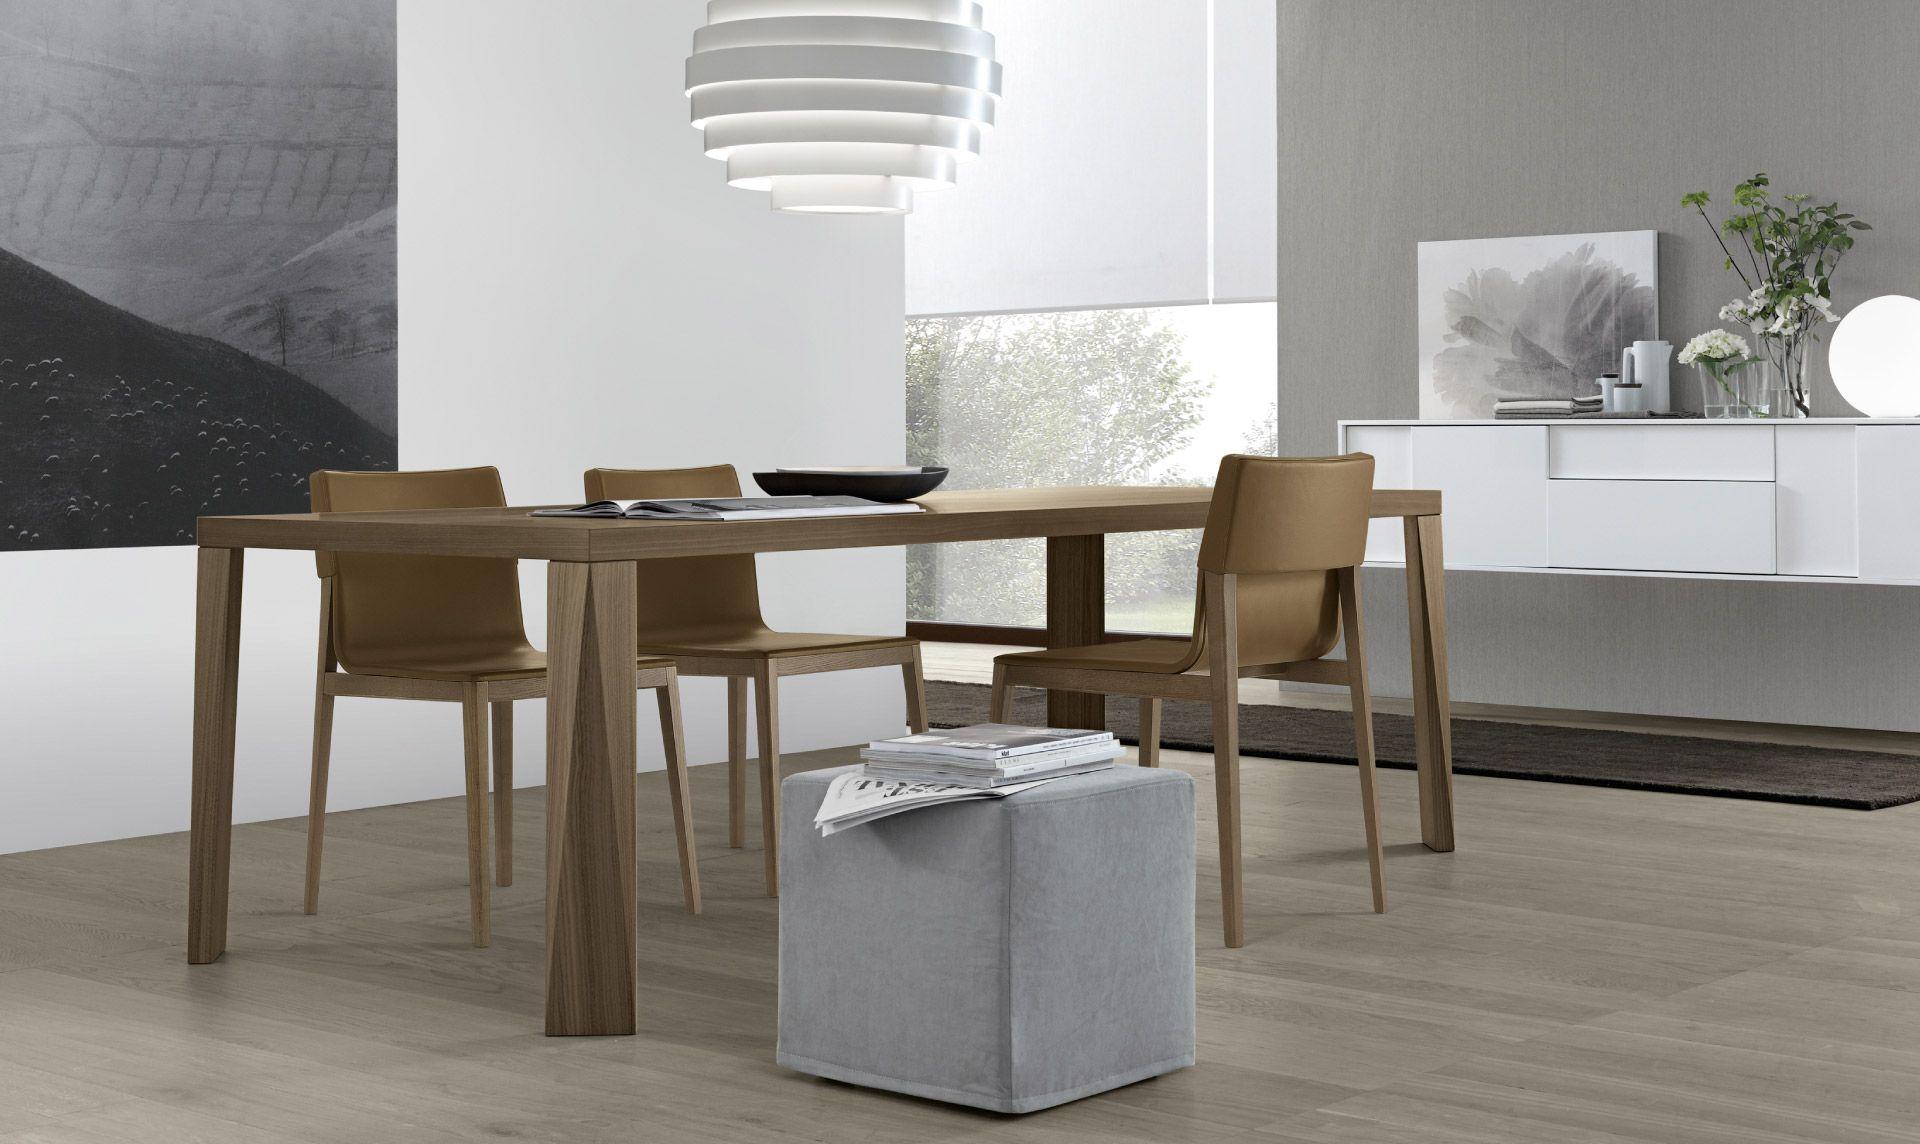 Jesse mobili arredamento design tavoli suomi jesse for Jesse arredamento